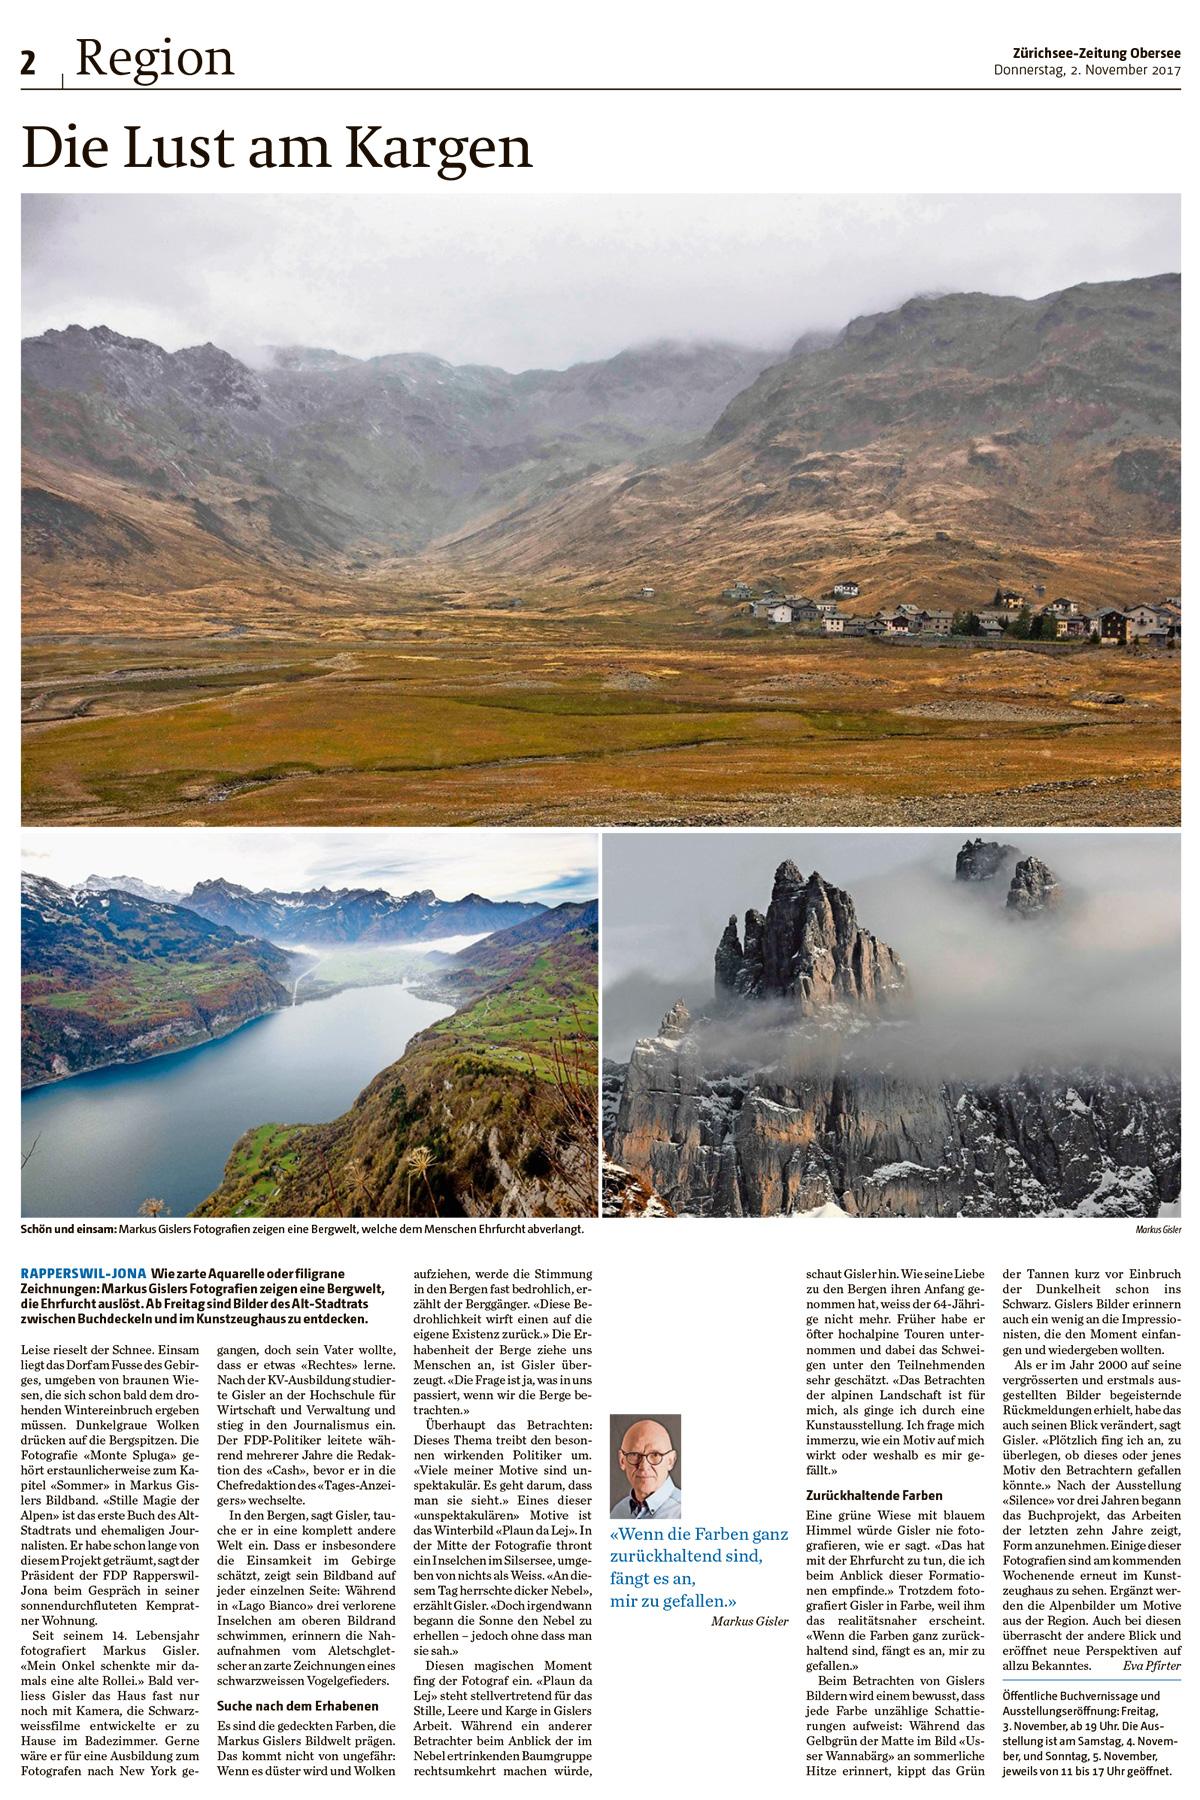 ZSZ_Seite_2_Ausgabe_Obersee_2017-11-02.jpg